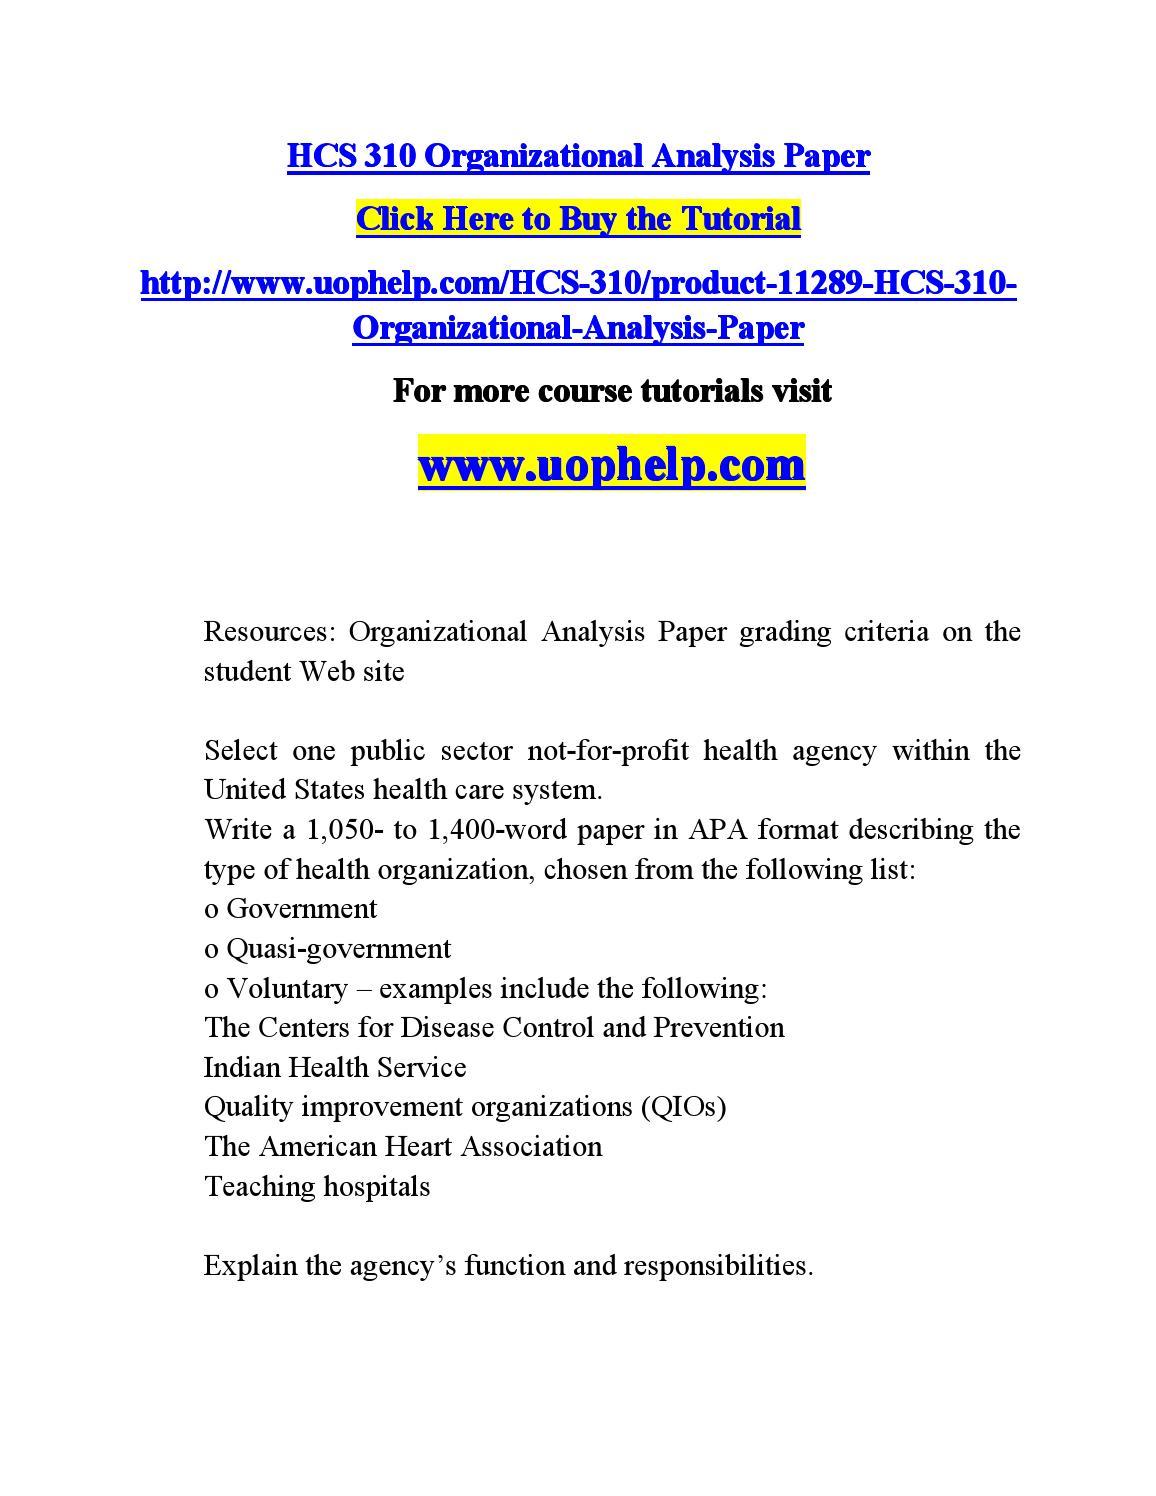 Organizational analysis paper